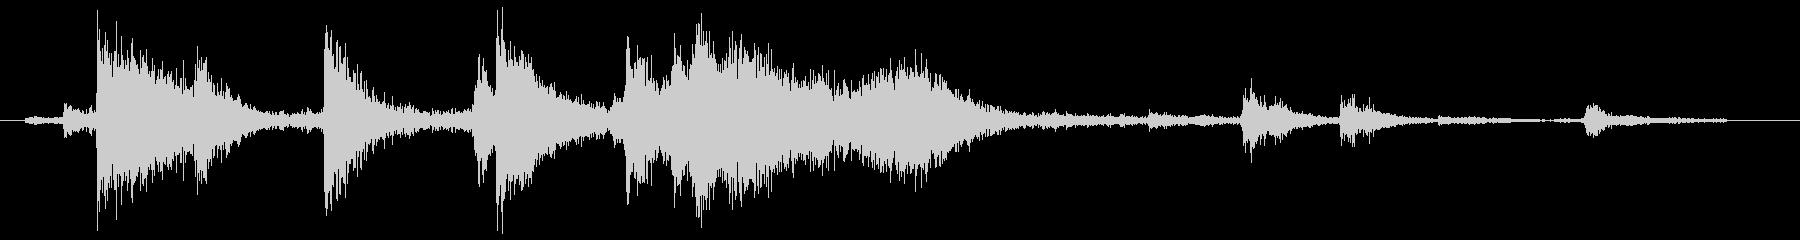 メタル クラッシュミディアム06の未再生の波形